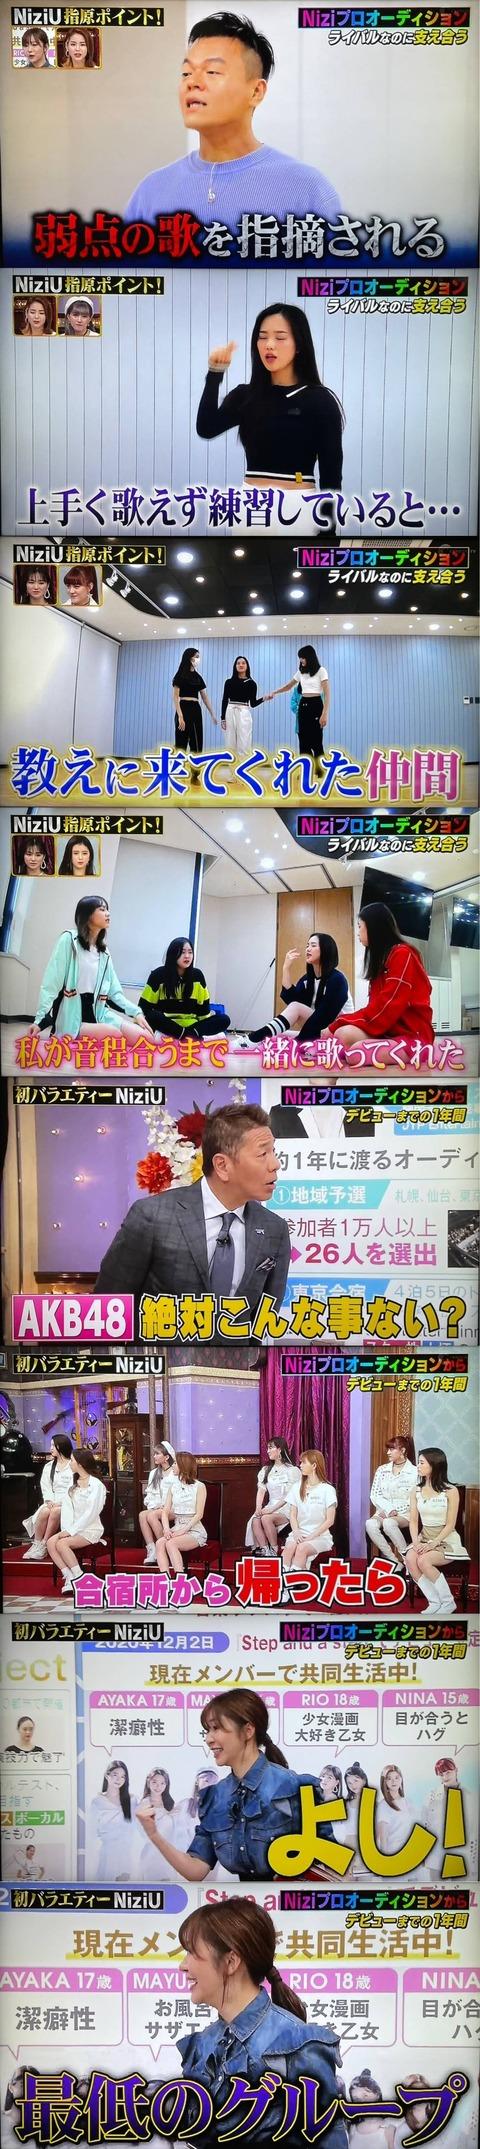 【悲報】指原莉乃「AKB48は他のメンバーが上手く歌えないとガッツポーズする最低のグループ」